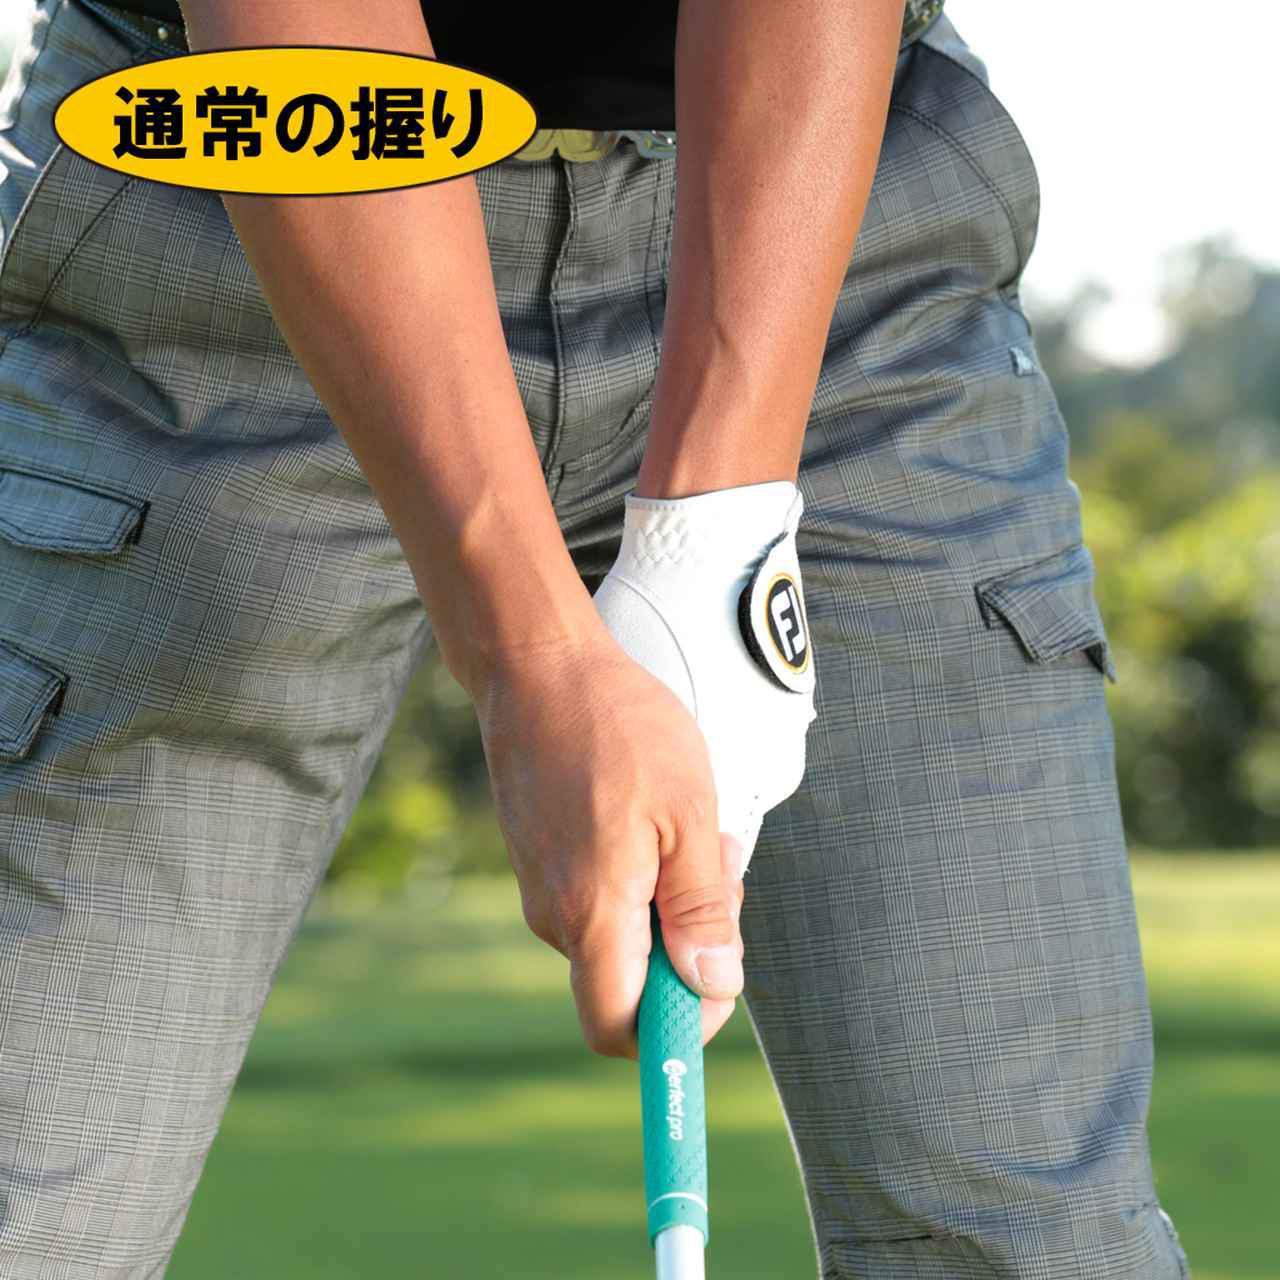 画像: 通常よりも右手を上からかぶせて握る。このとき右肩が前に出ないように注意しよう